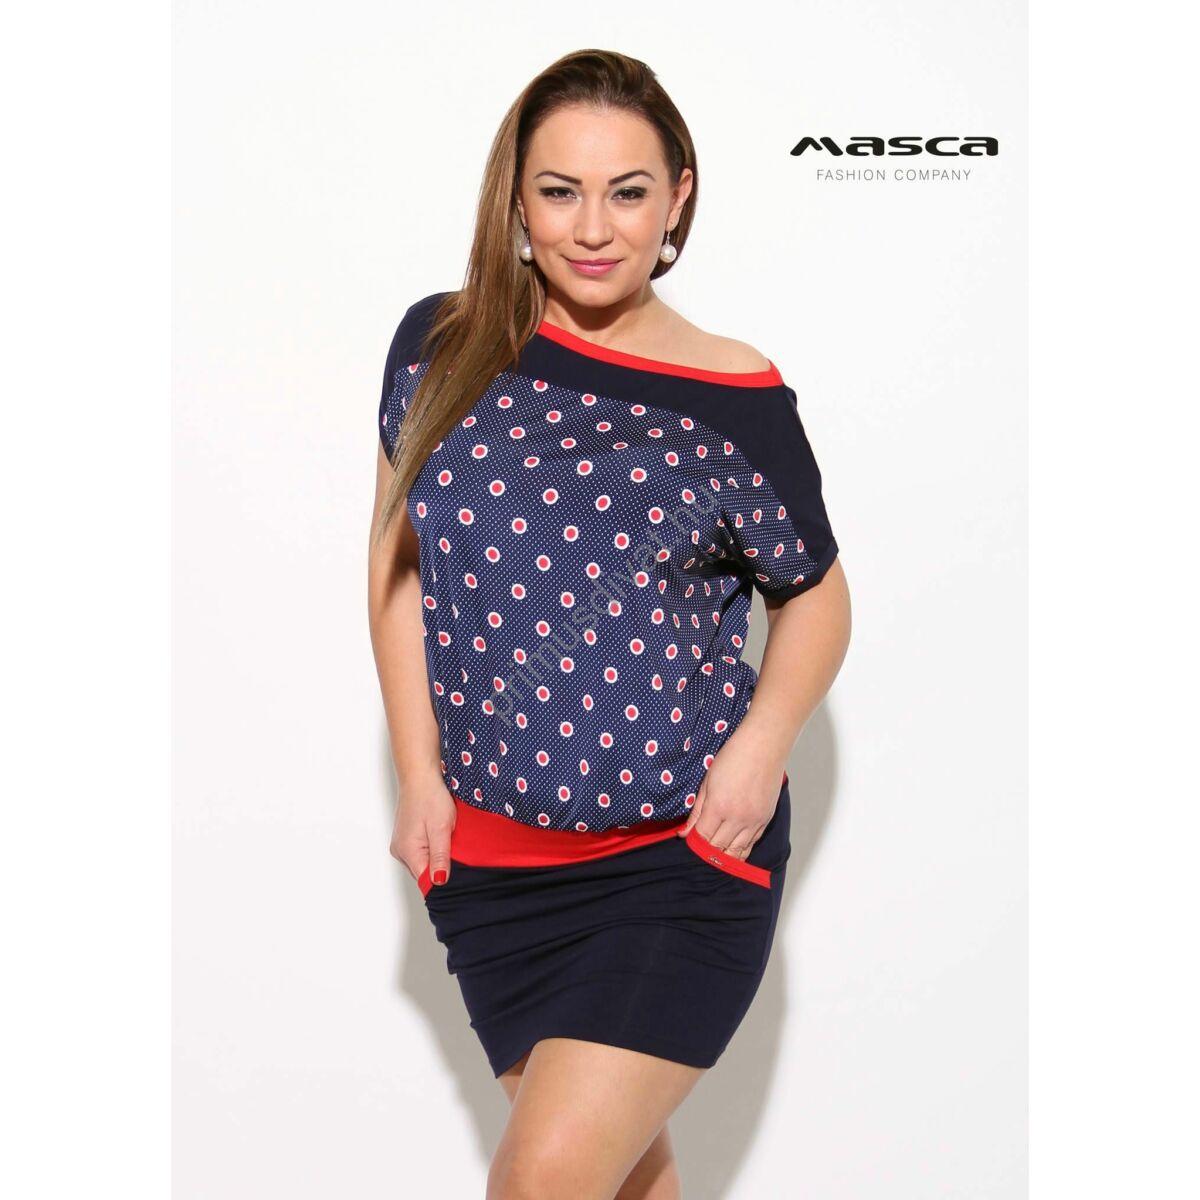 882af8f043 Kép 1/1 - Masca Fashion piros-fehér pöttyös betétes csónaknyakú, sötétkék  rövid ujjú lezser zsebes tunika, miniruha